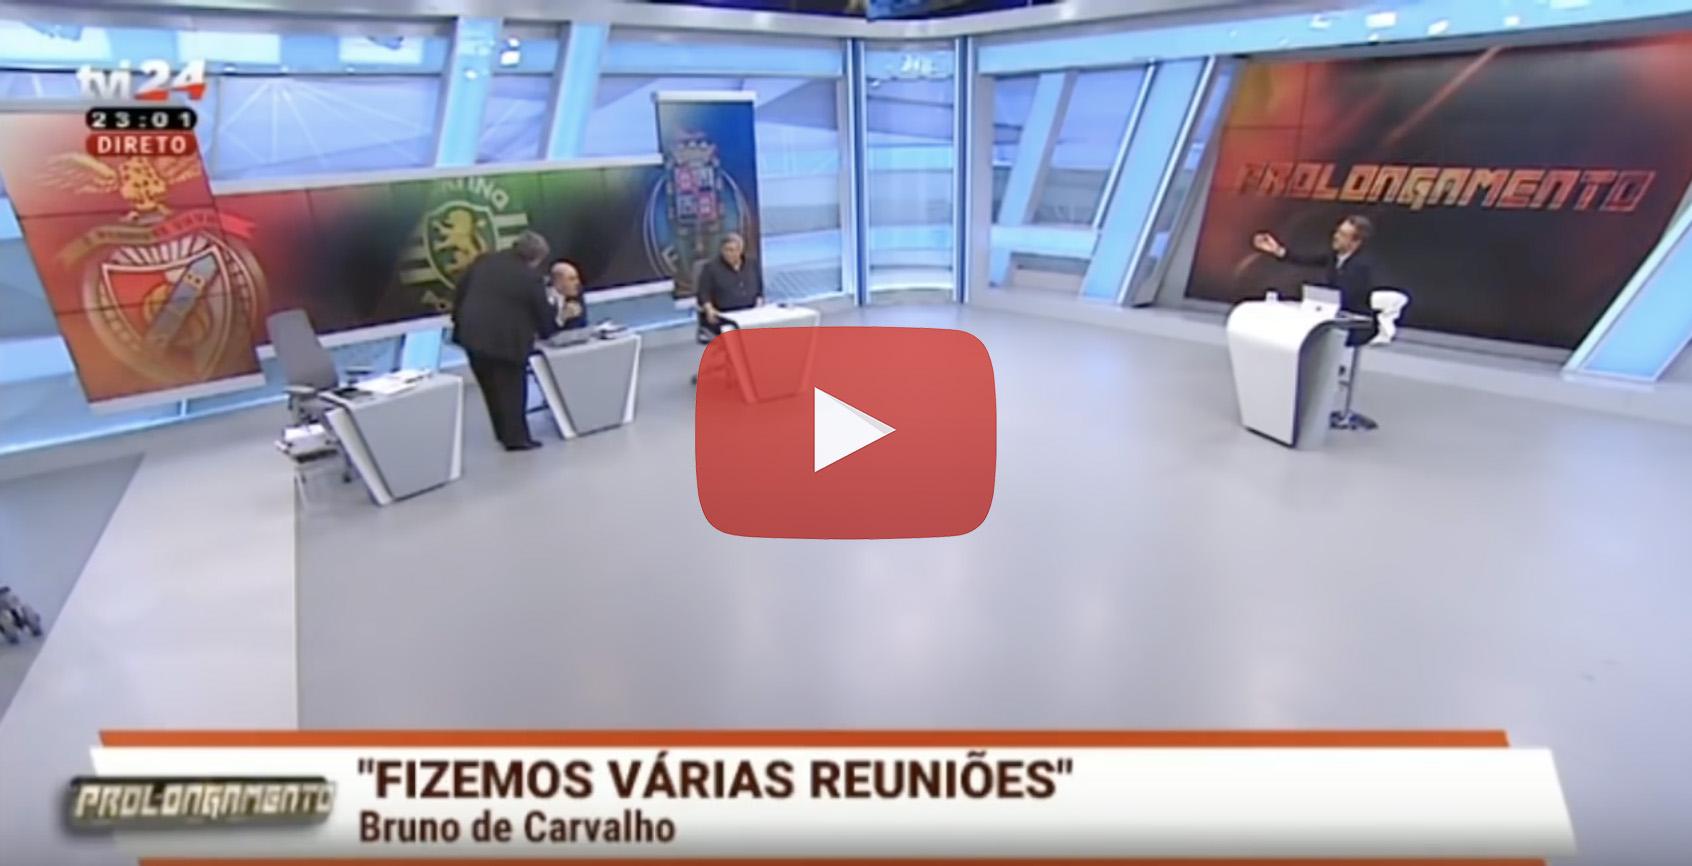 Prolongamento Tvi24 Comentadores Quase Se Agridem Em Direto (Com Vídeo)